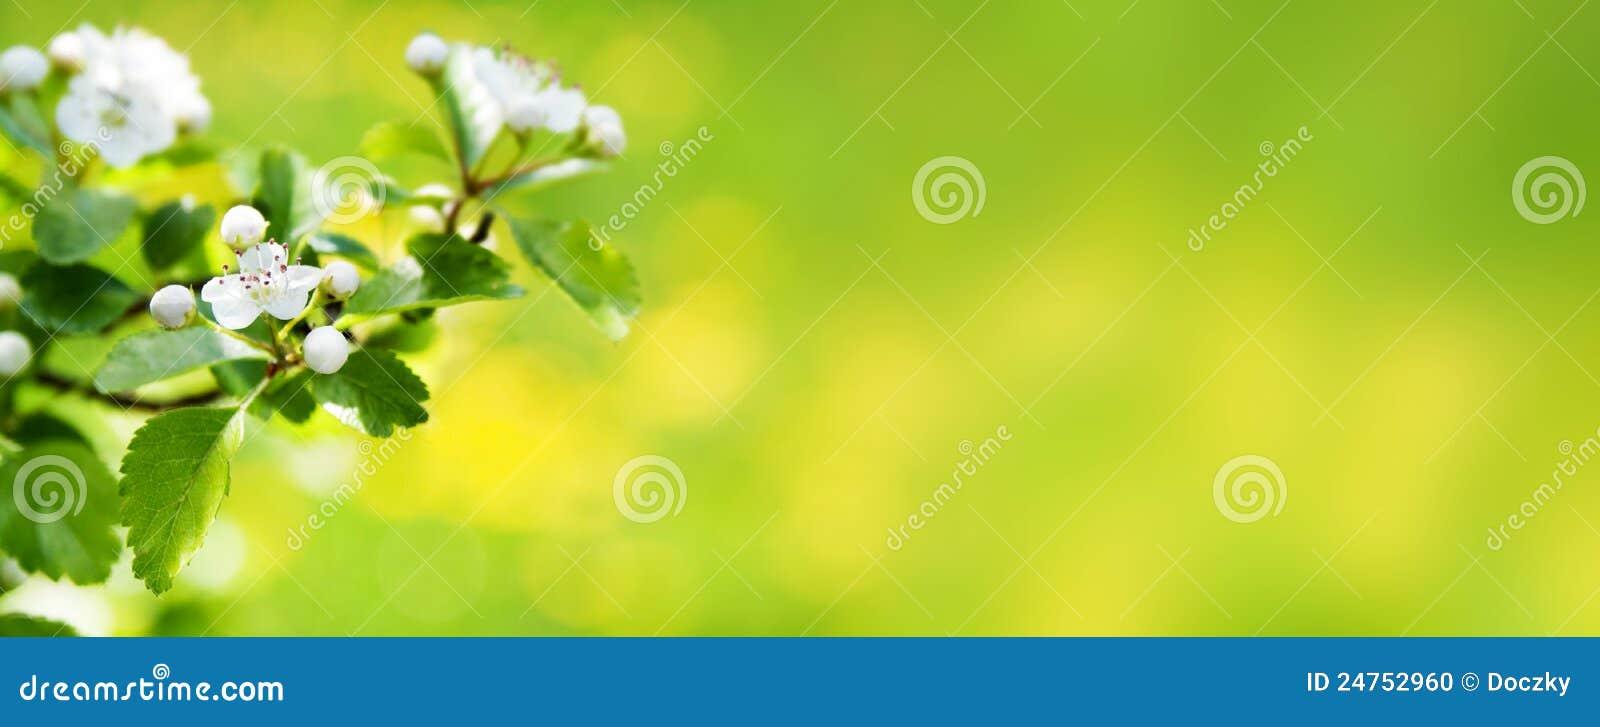 Spring nature blossom web banner or header.